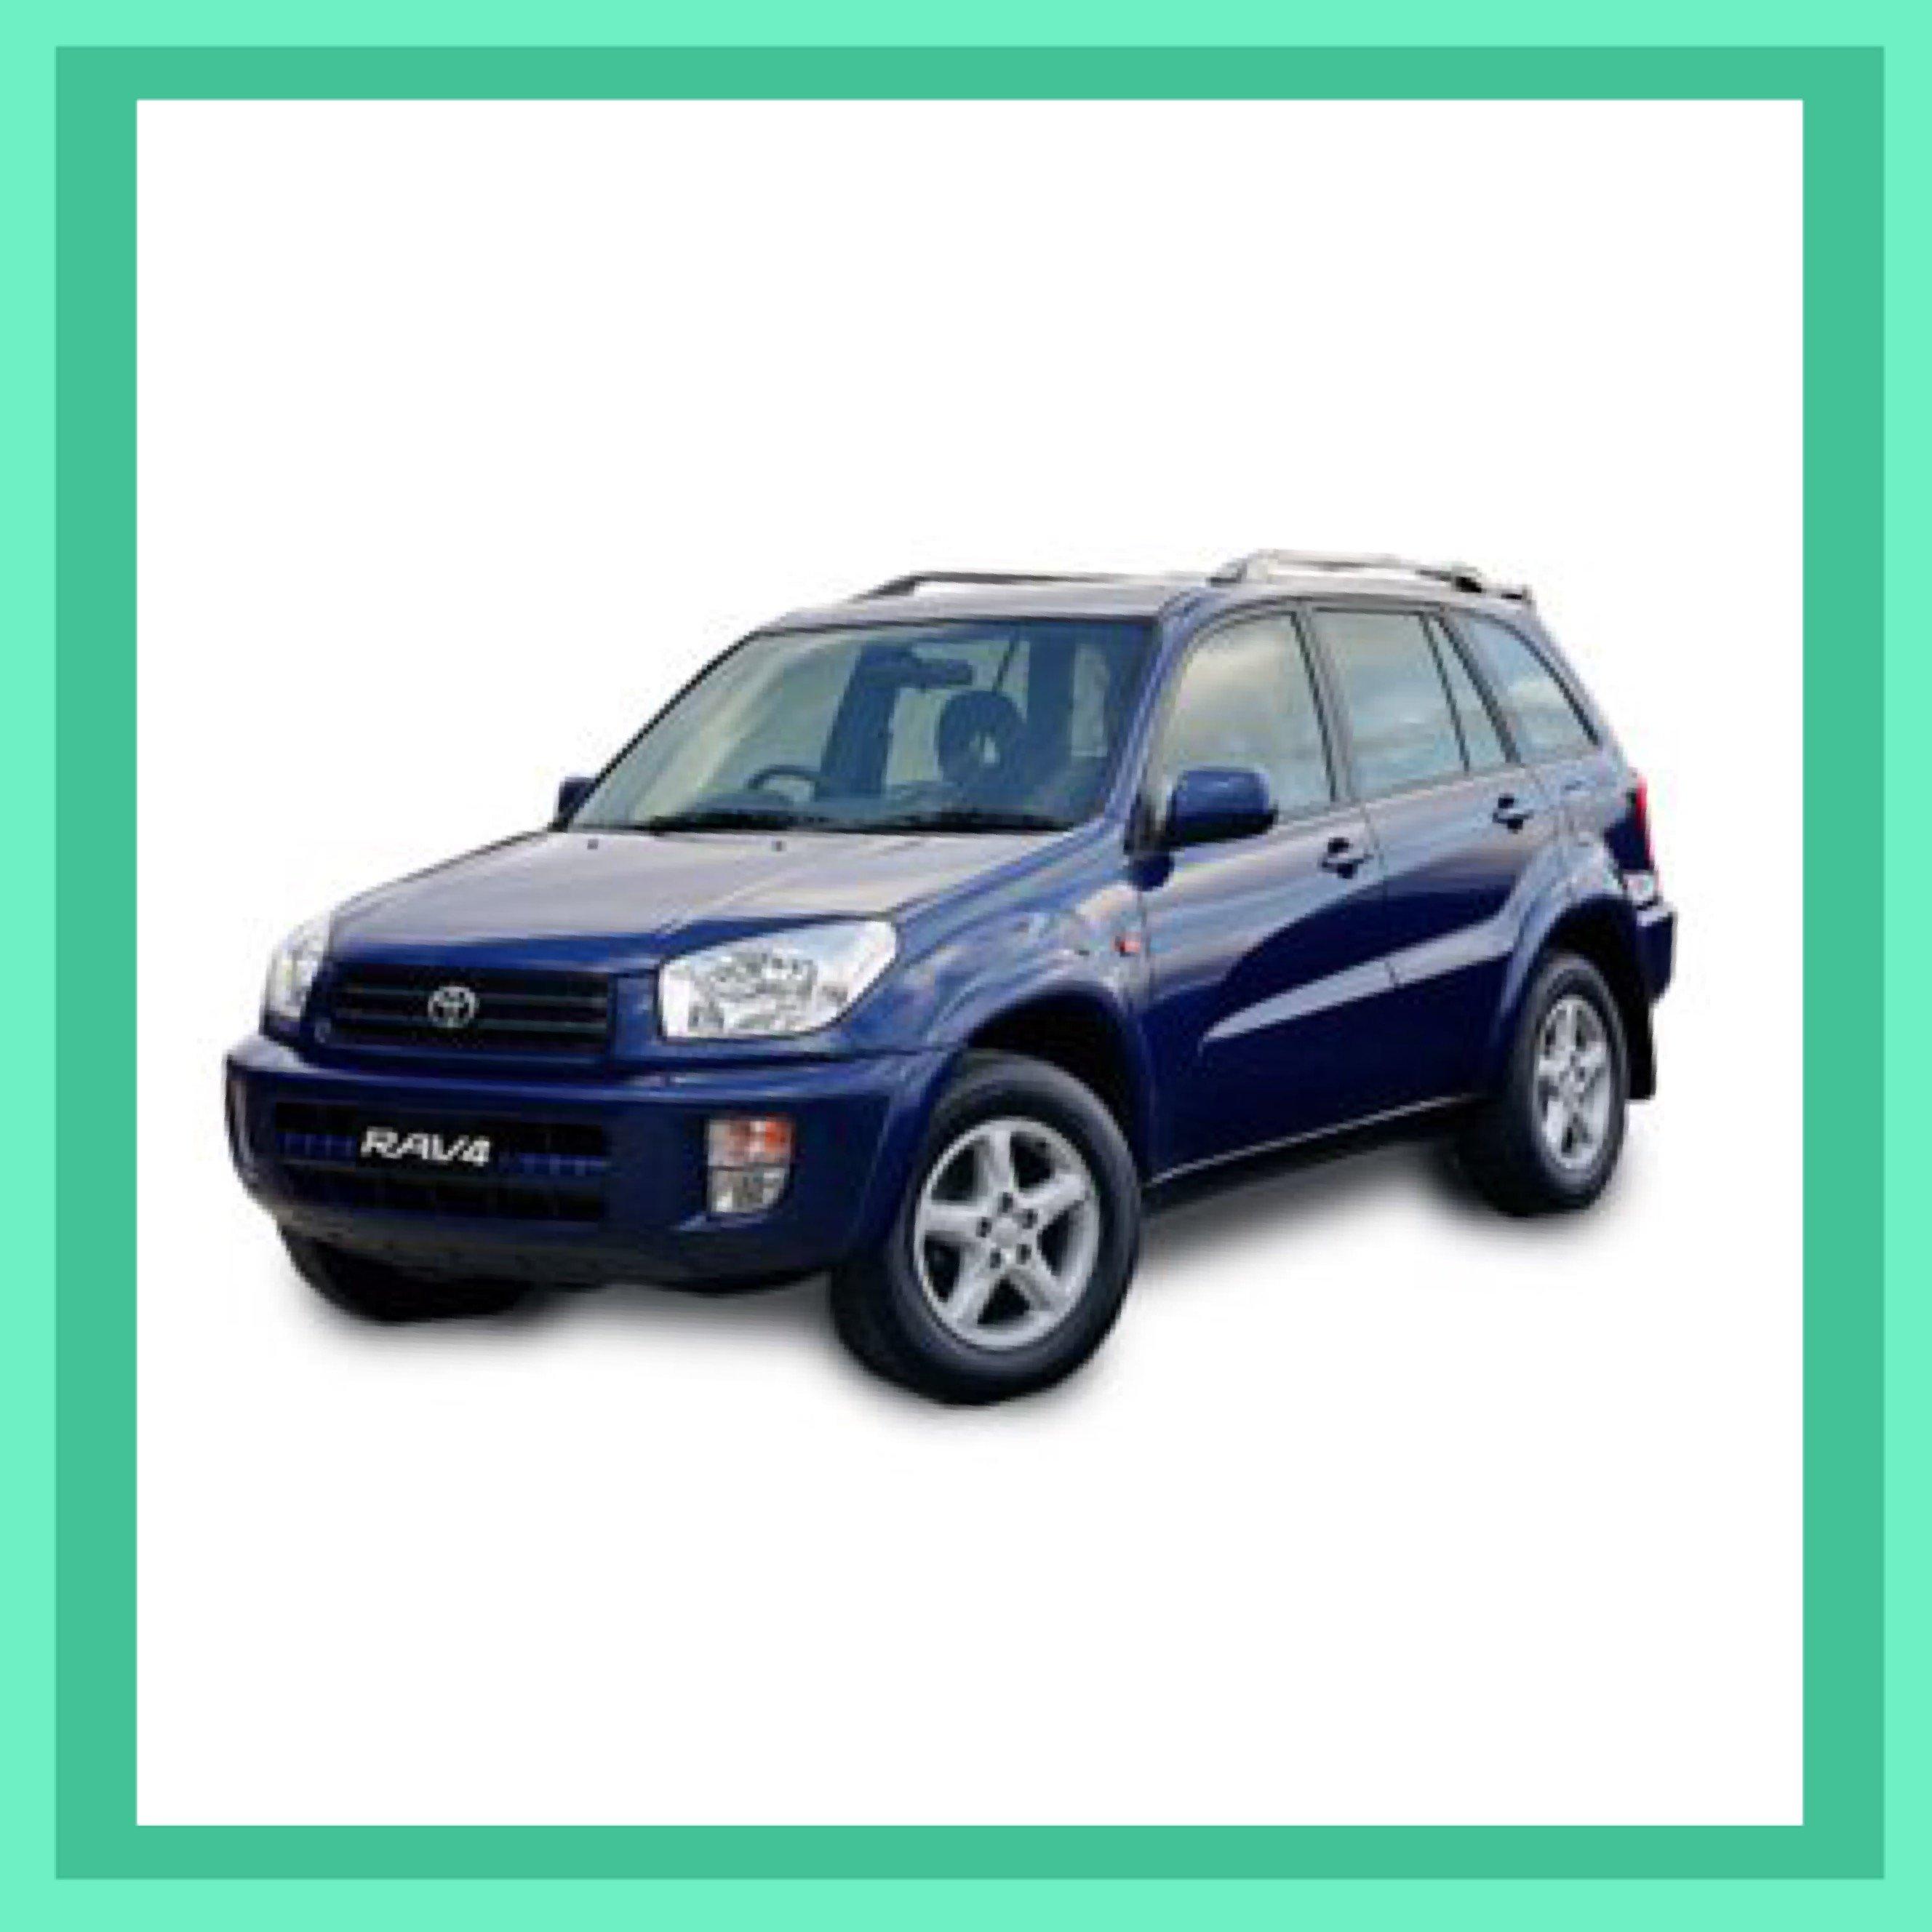 Toyota Rav 4 2000 - 2003